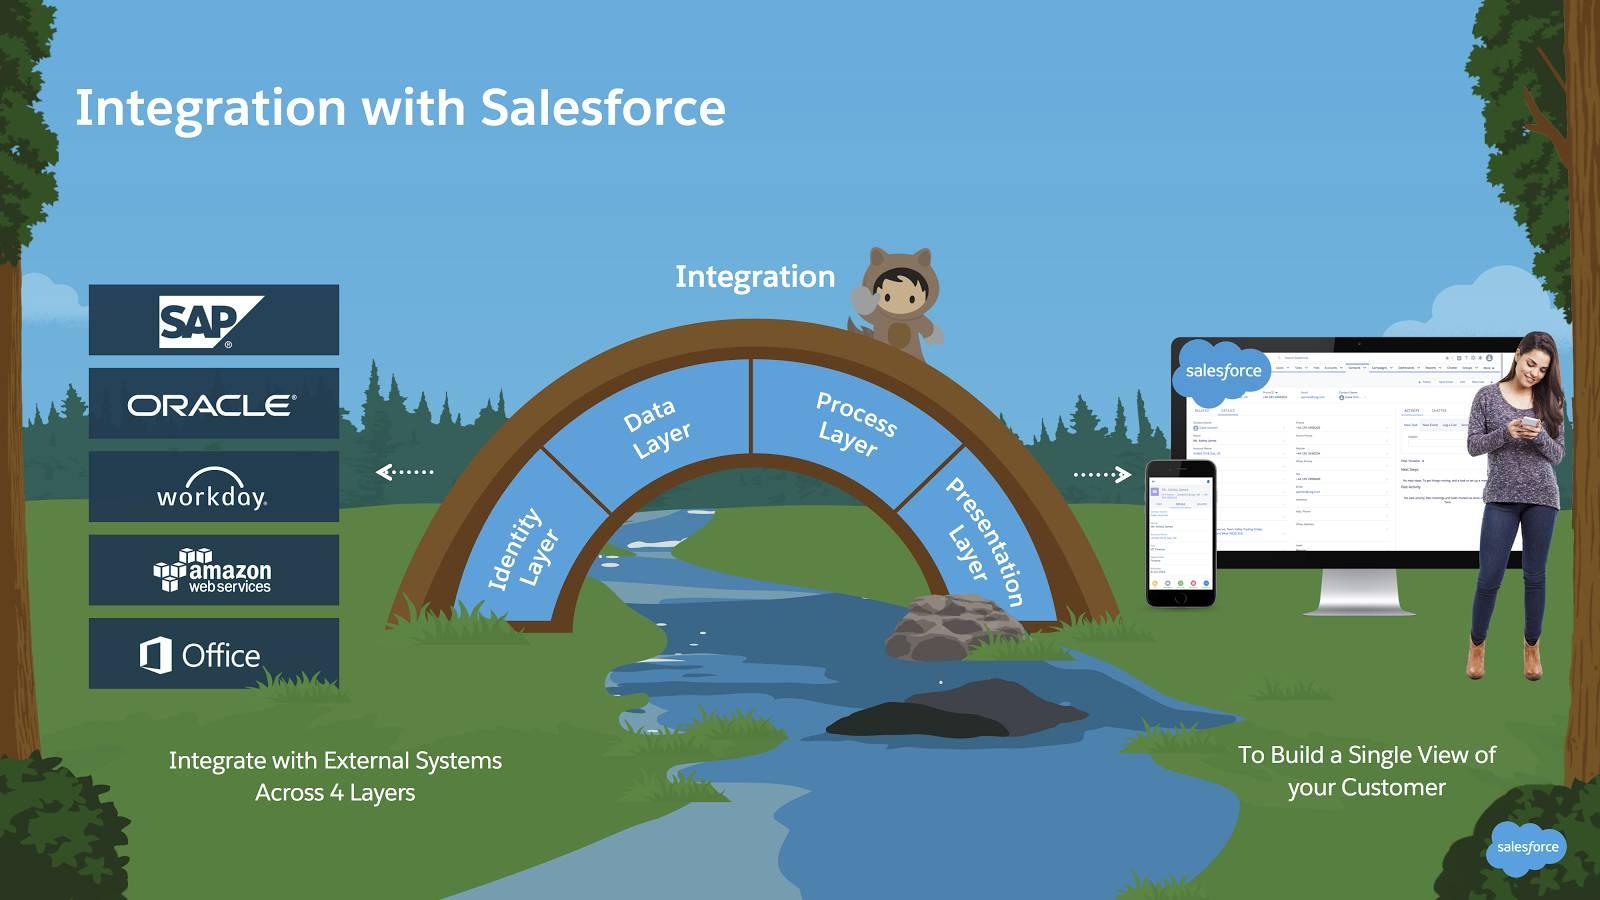 Integration mit externen Systemen auf vier Ebenen zum Ermöglichen einer zentralen Sicht auf Ihre Kunden: Infografik mit einer Brücke über einen Fluss, auf der Identitätsebene, Datenebene, Prozessebene und Darstellungsebene steht.